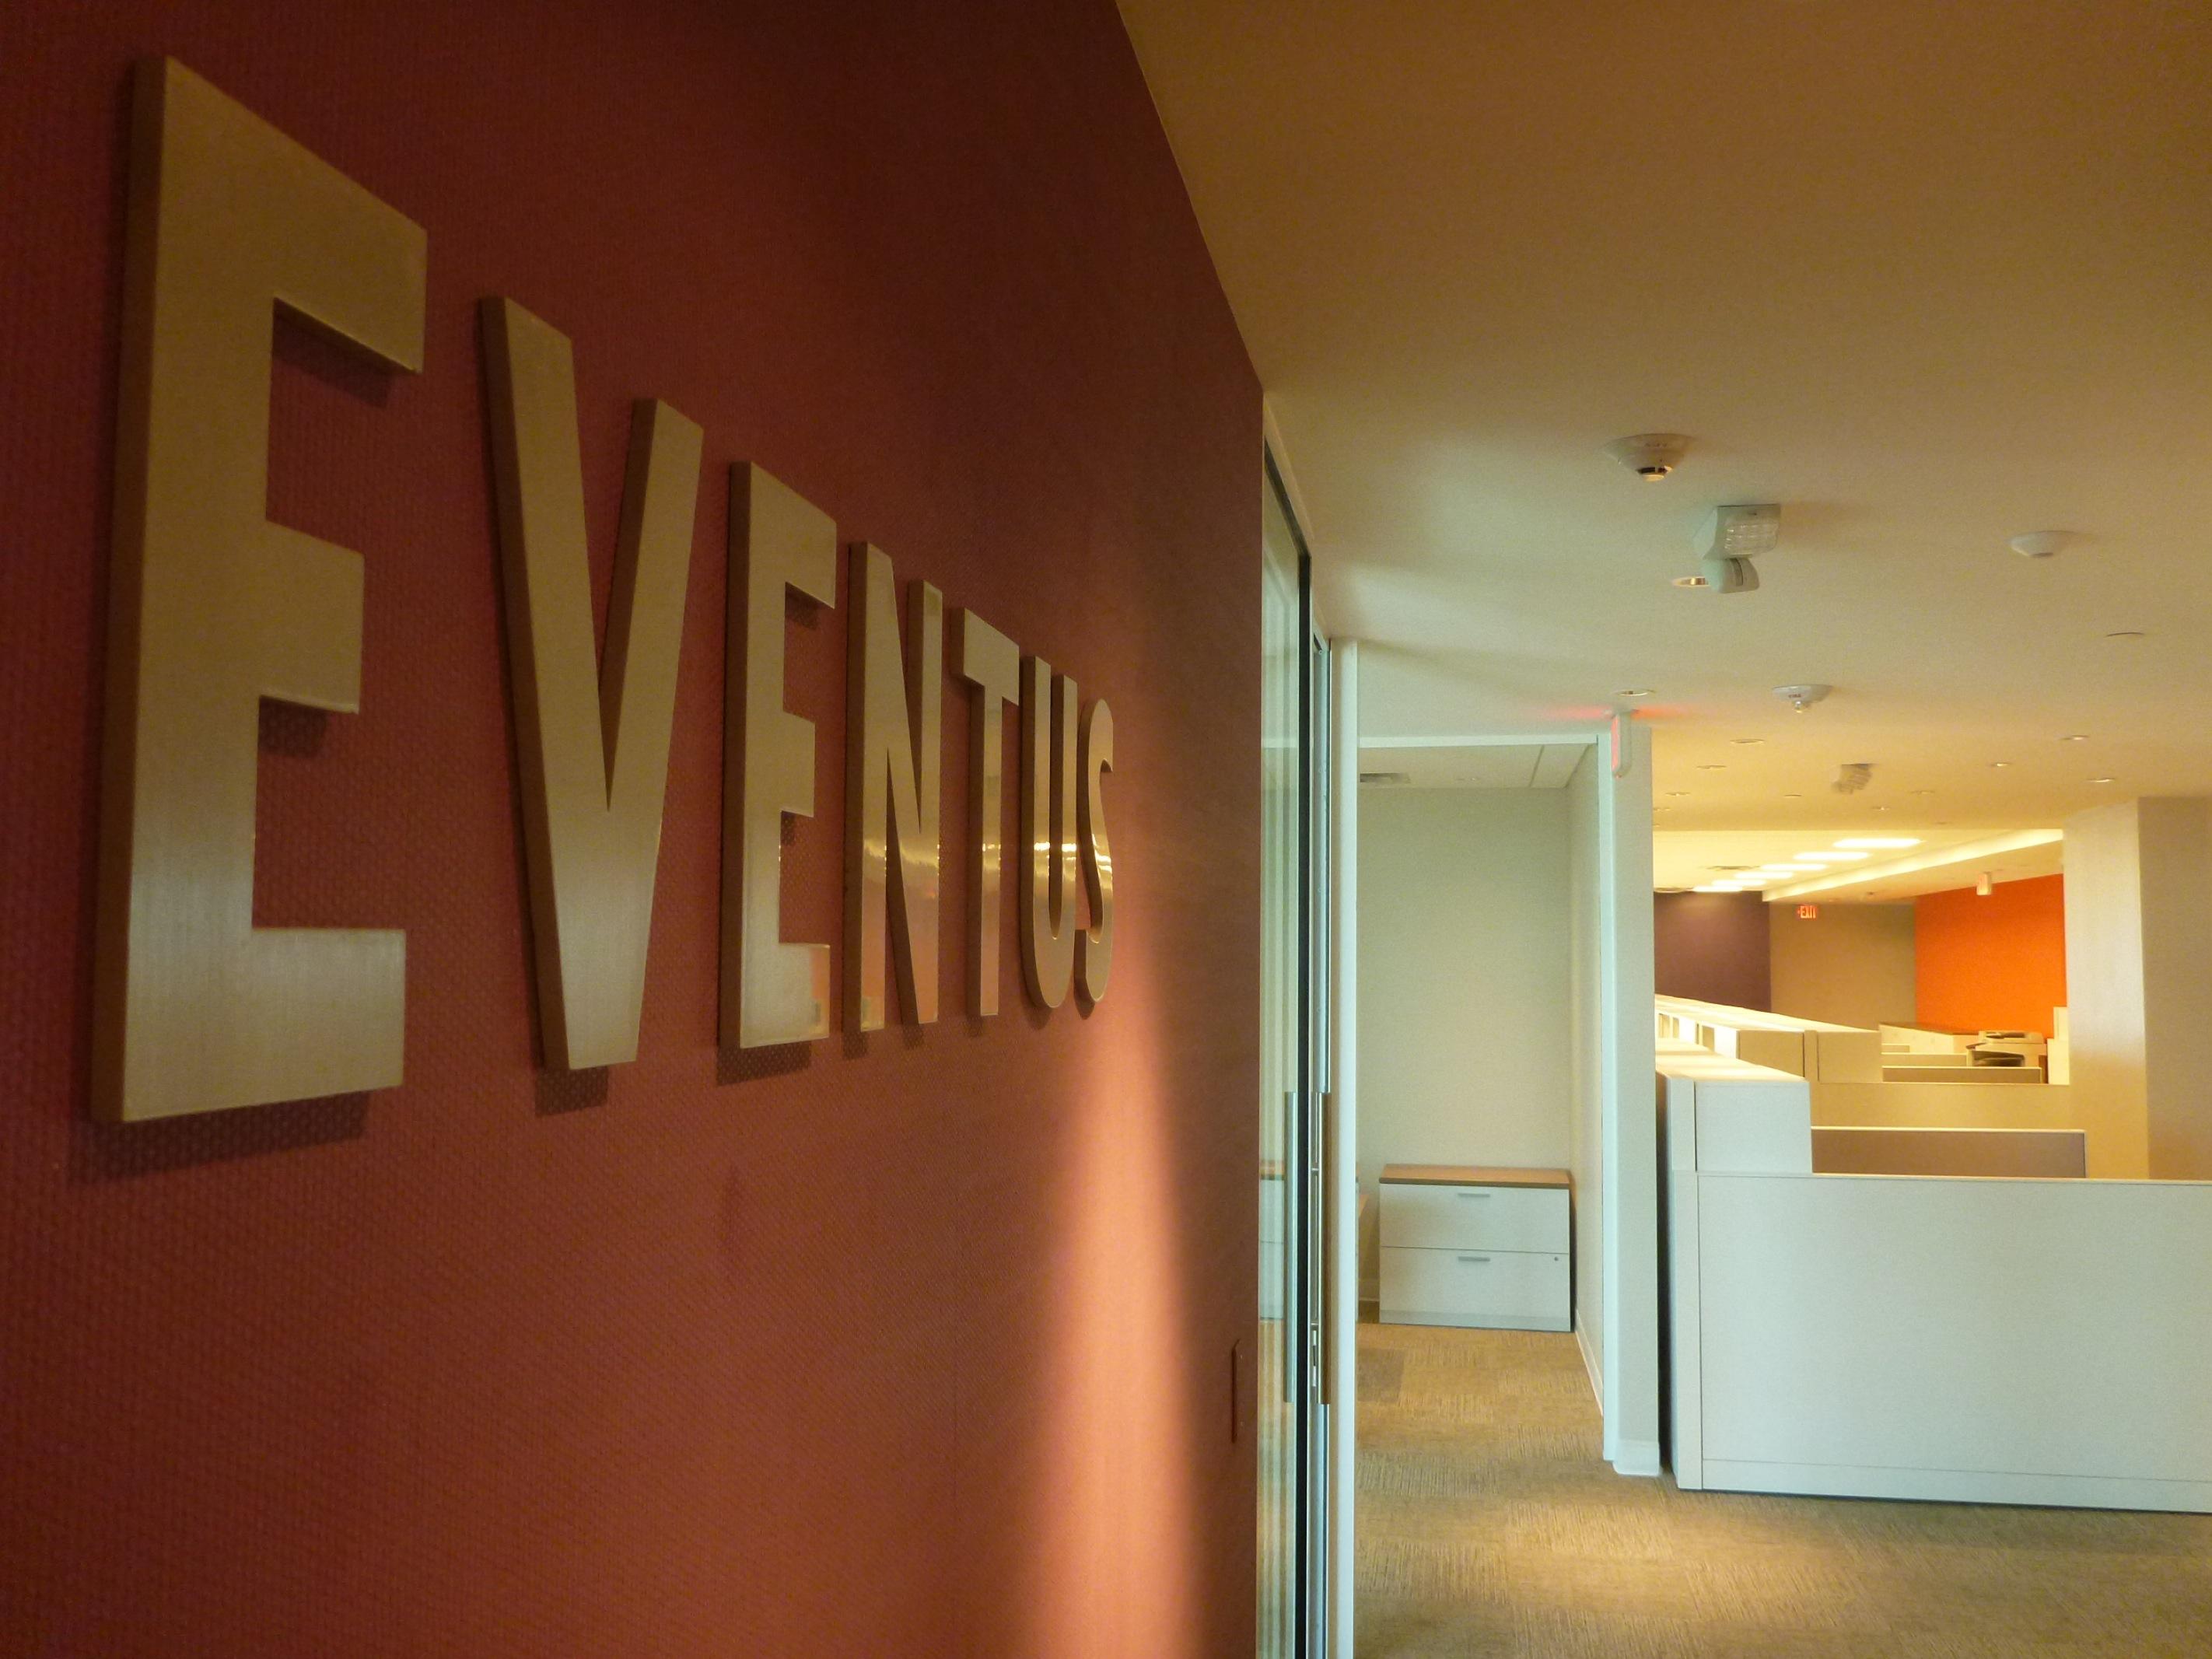 Eventus HQ Relocation